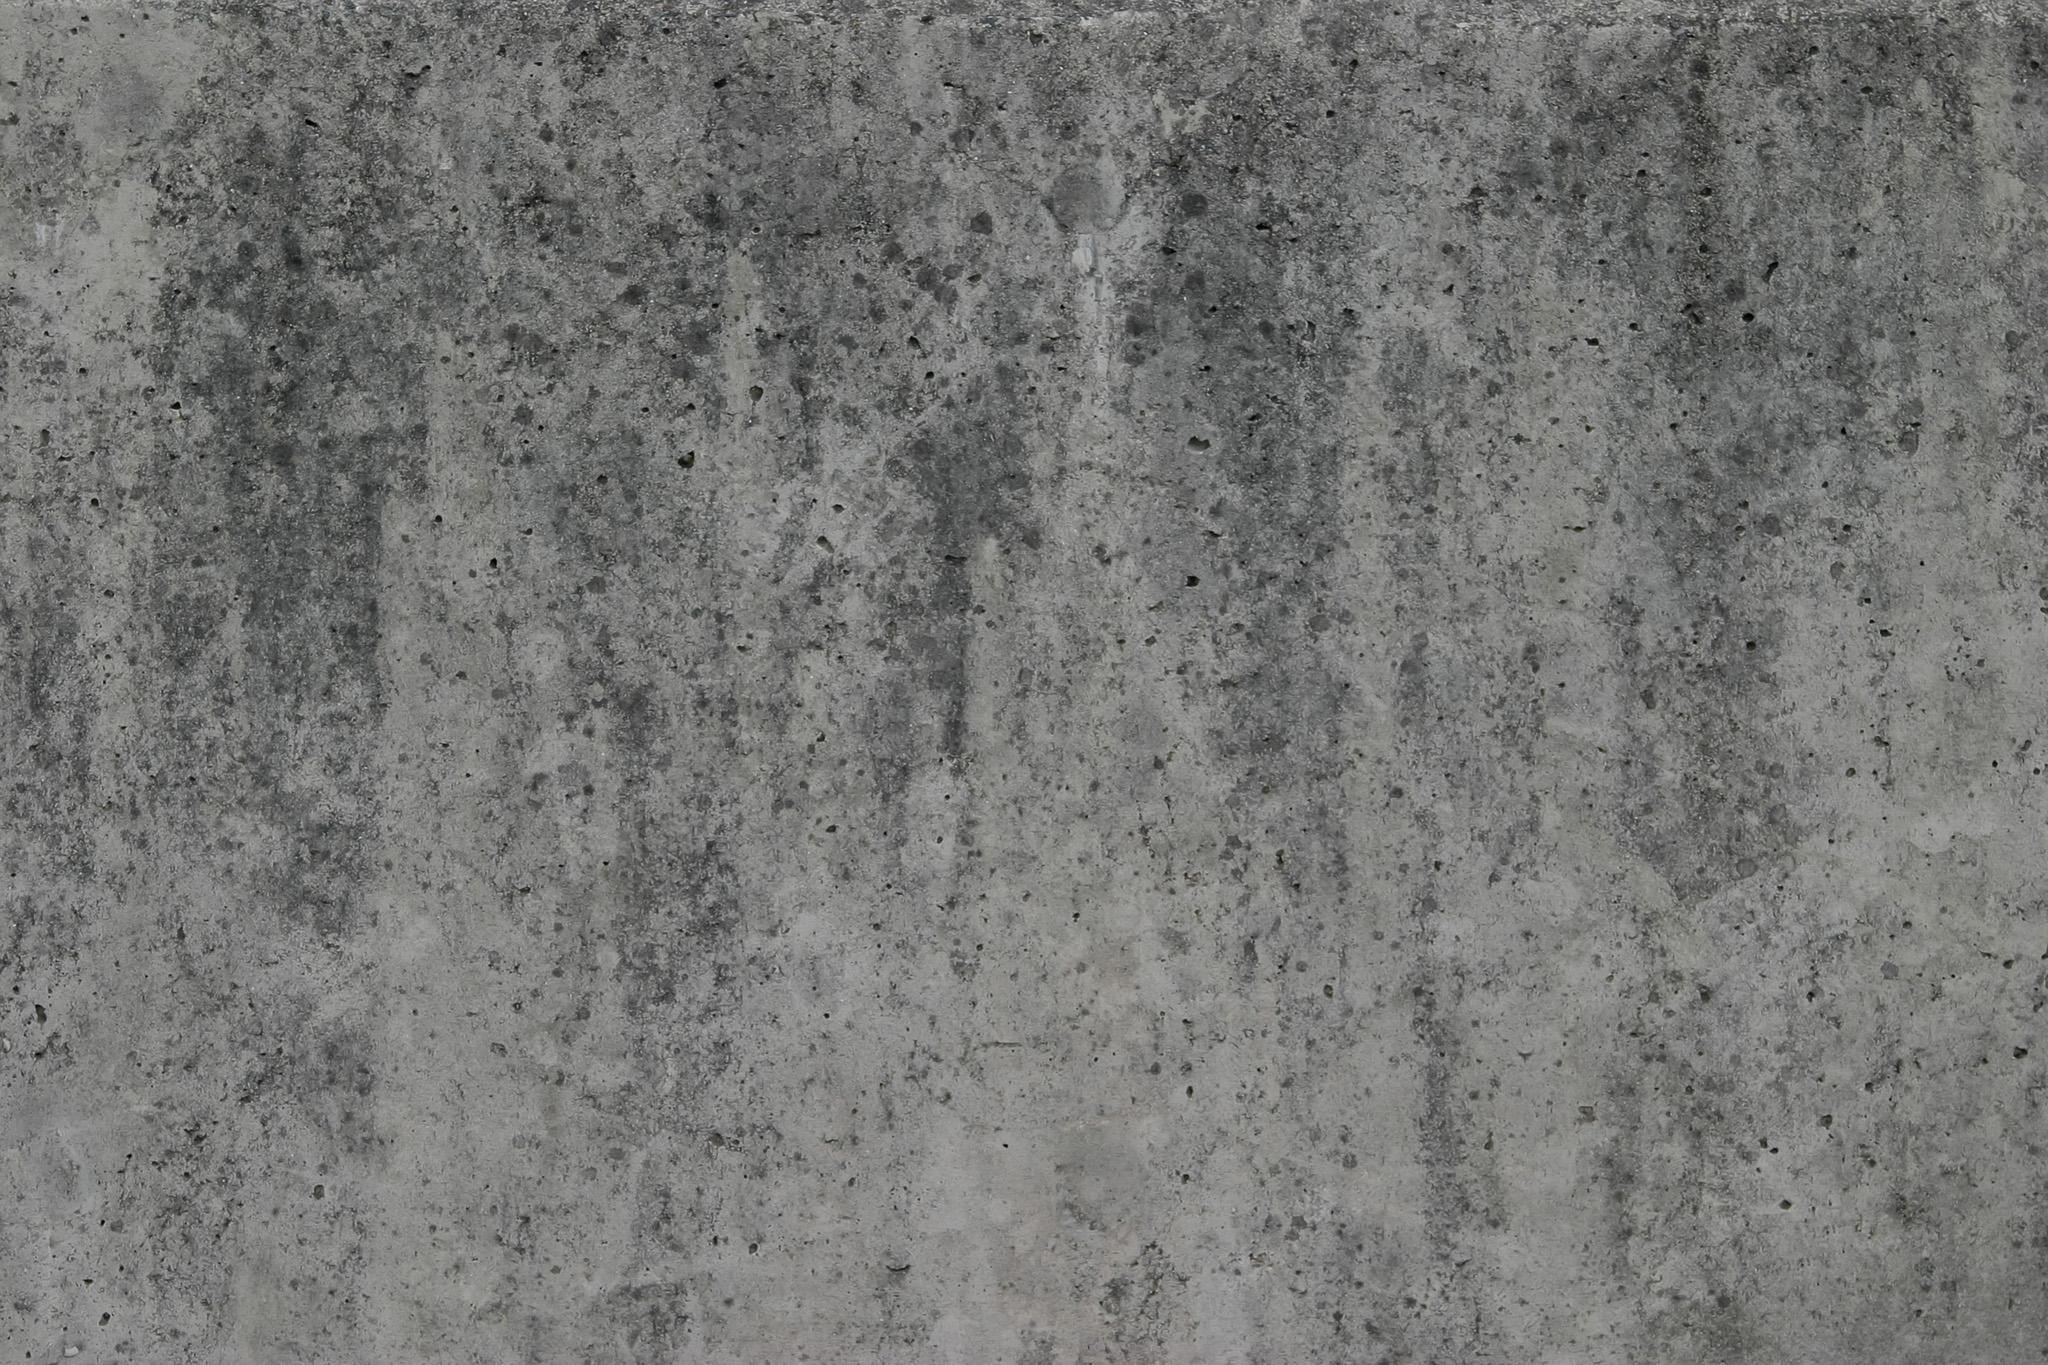 ザラザラとしたコンクリート画像